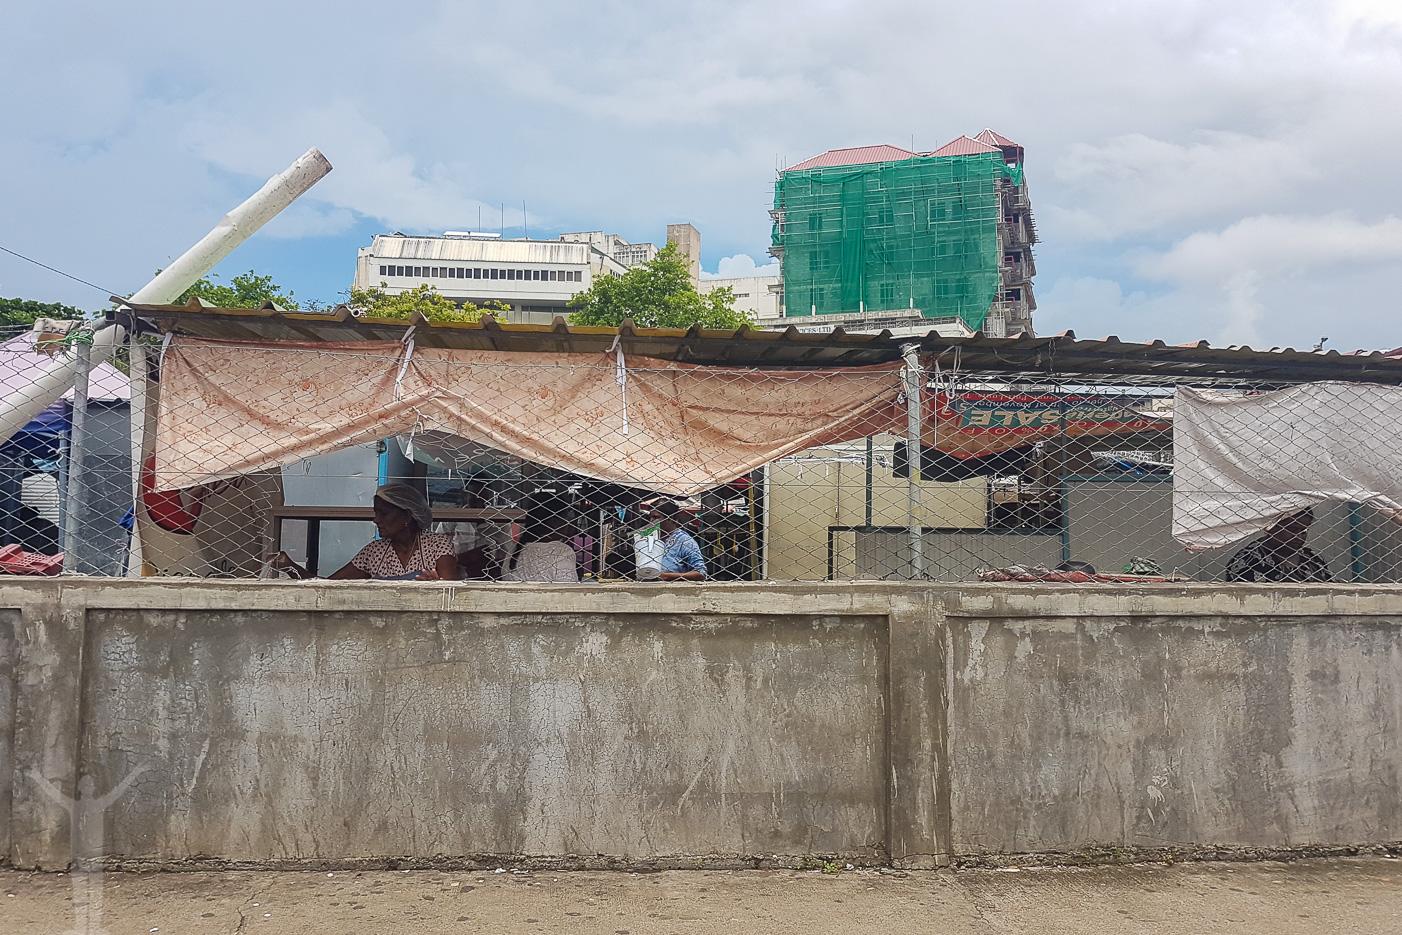 Hål i väggen... nätet. Streetfood i Port Louis